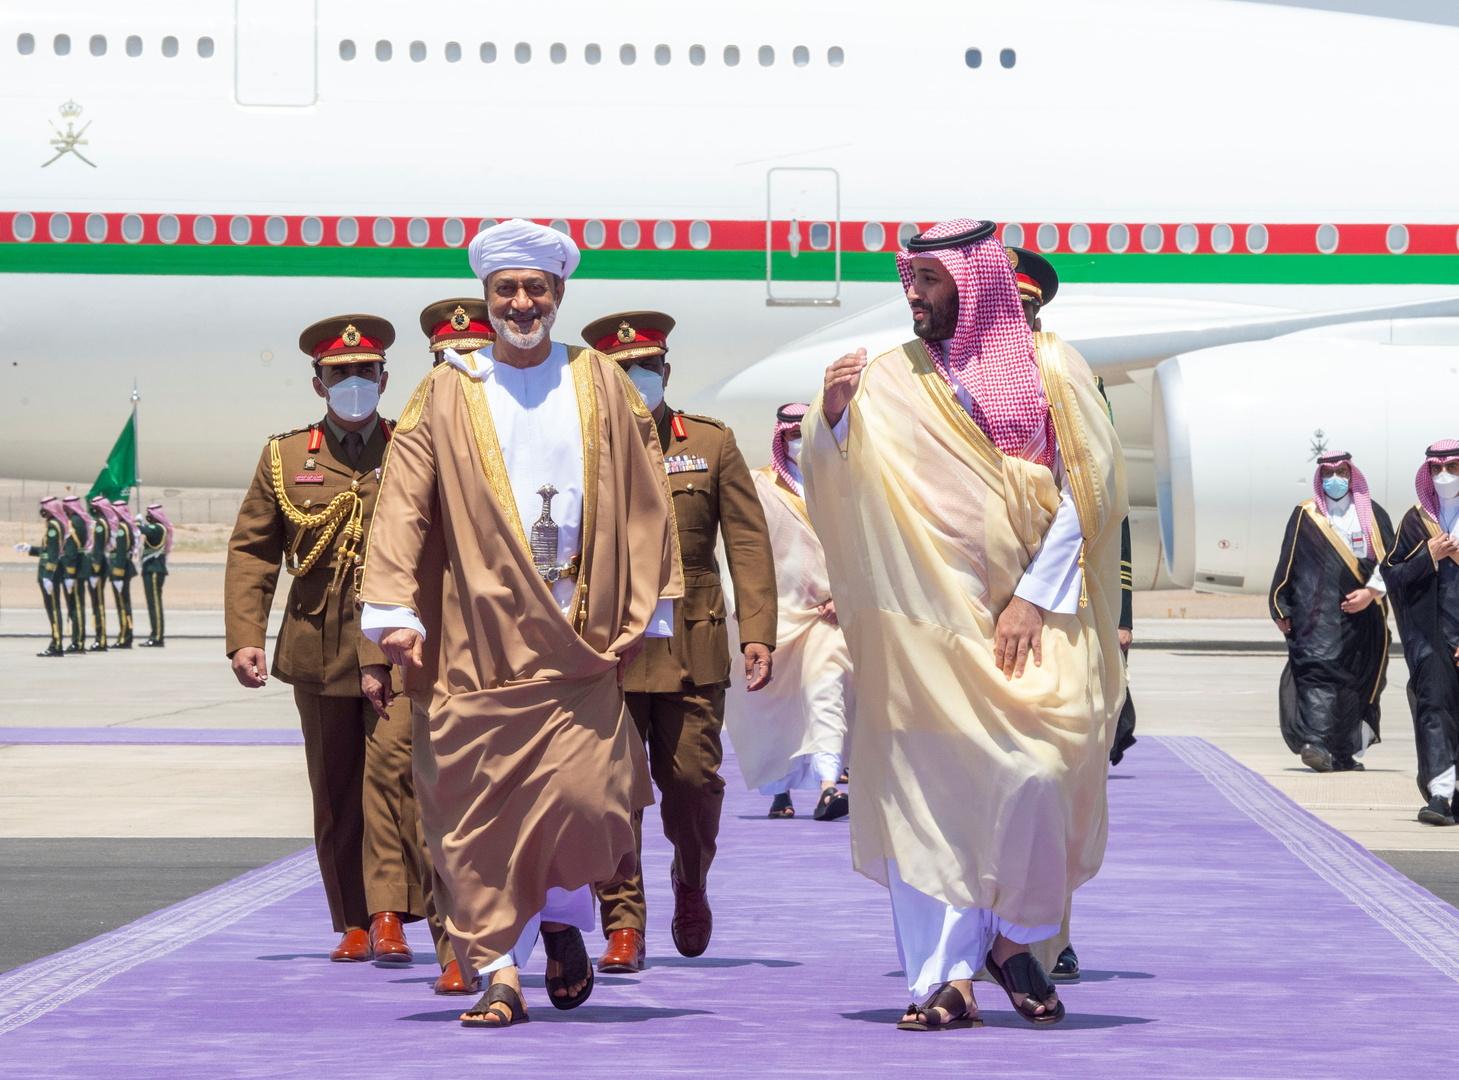 ولي العهد السعودي محمد بن سلمان والسلطان العماني هيثم بن طارق